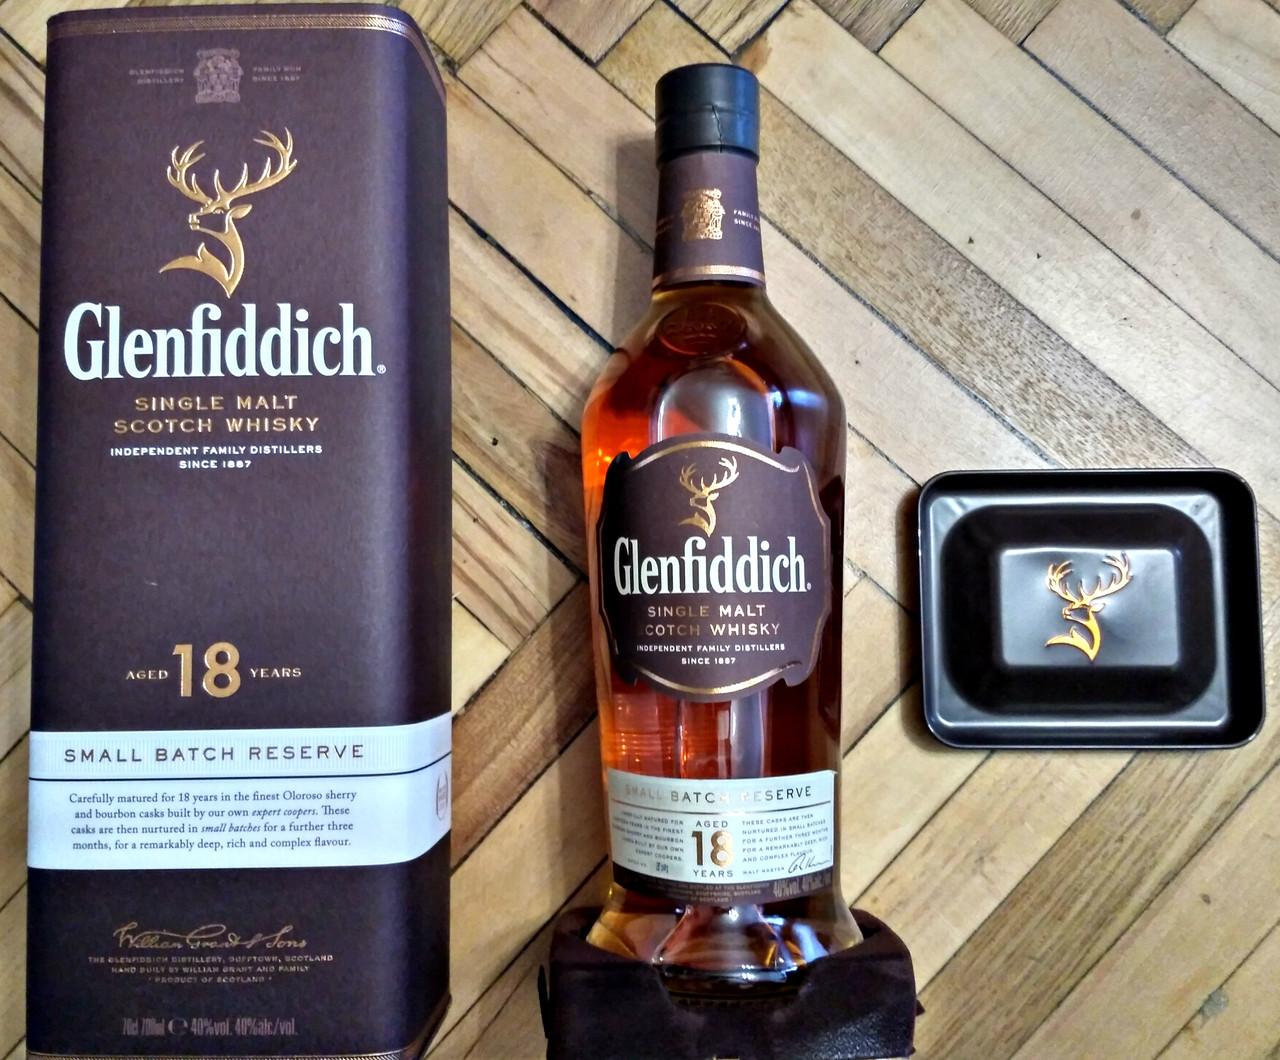 Шотландский олносолодовый виски Гленфиддик / Glenfiddich 18 лет в тубе 0.7